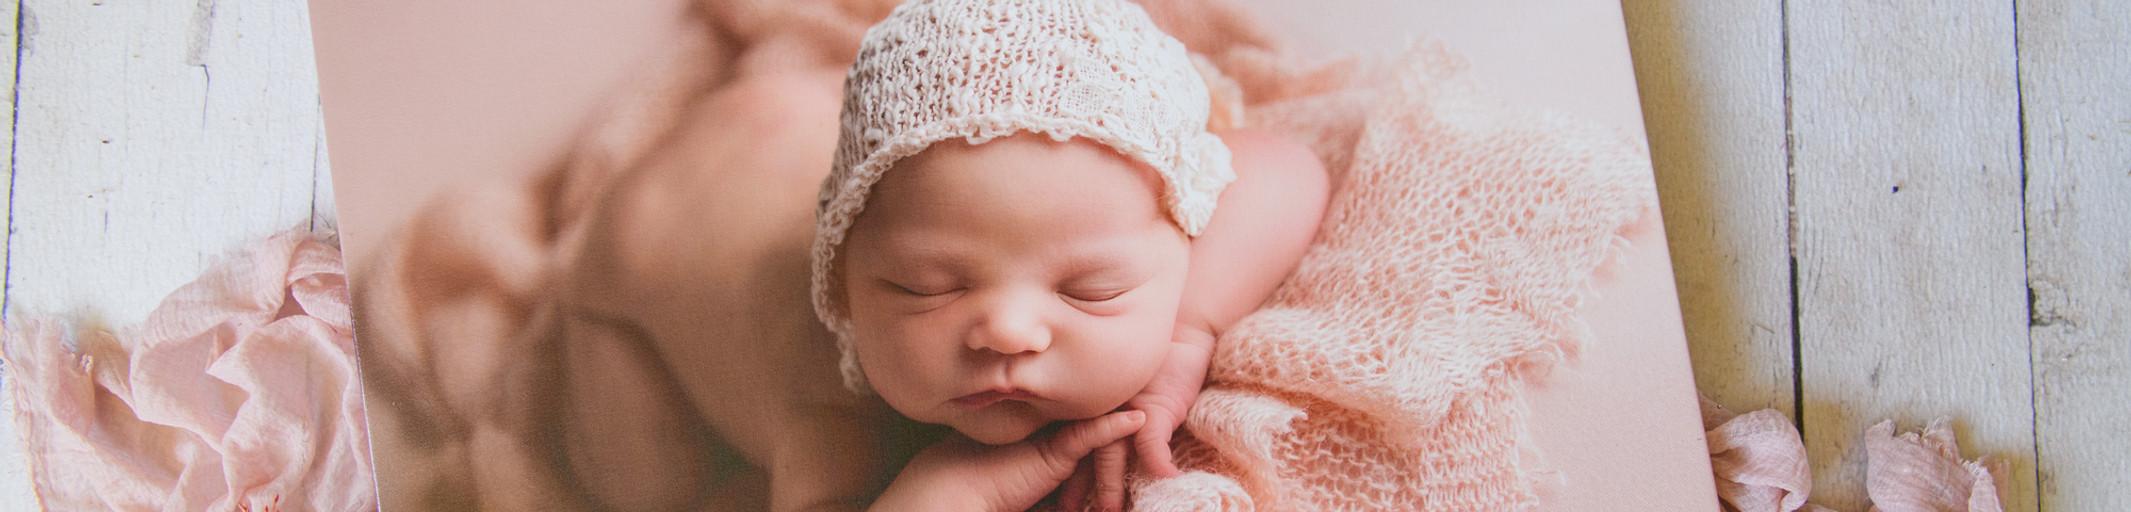 newborn canvas